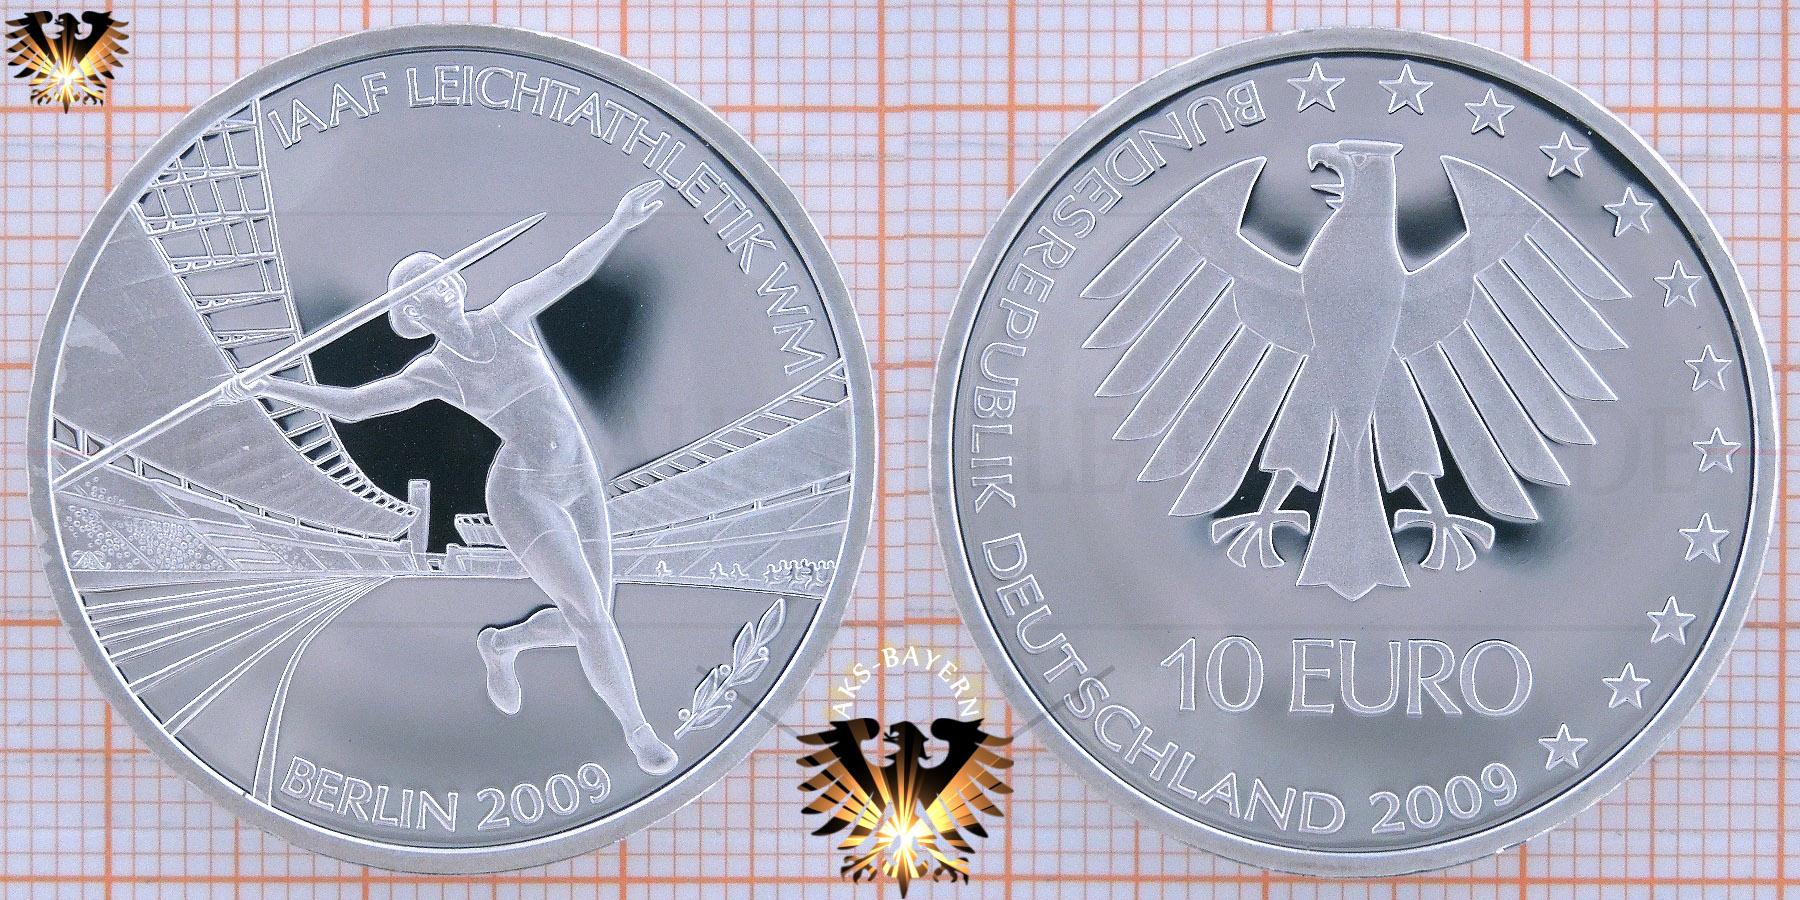 10 Brd 2009 Iaaf Leichtathletik Wm Berlin Mit Decodierhilfe